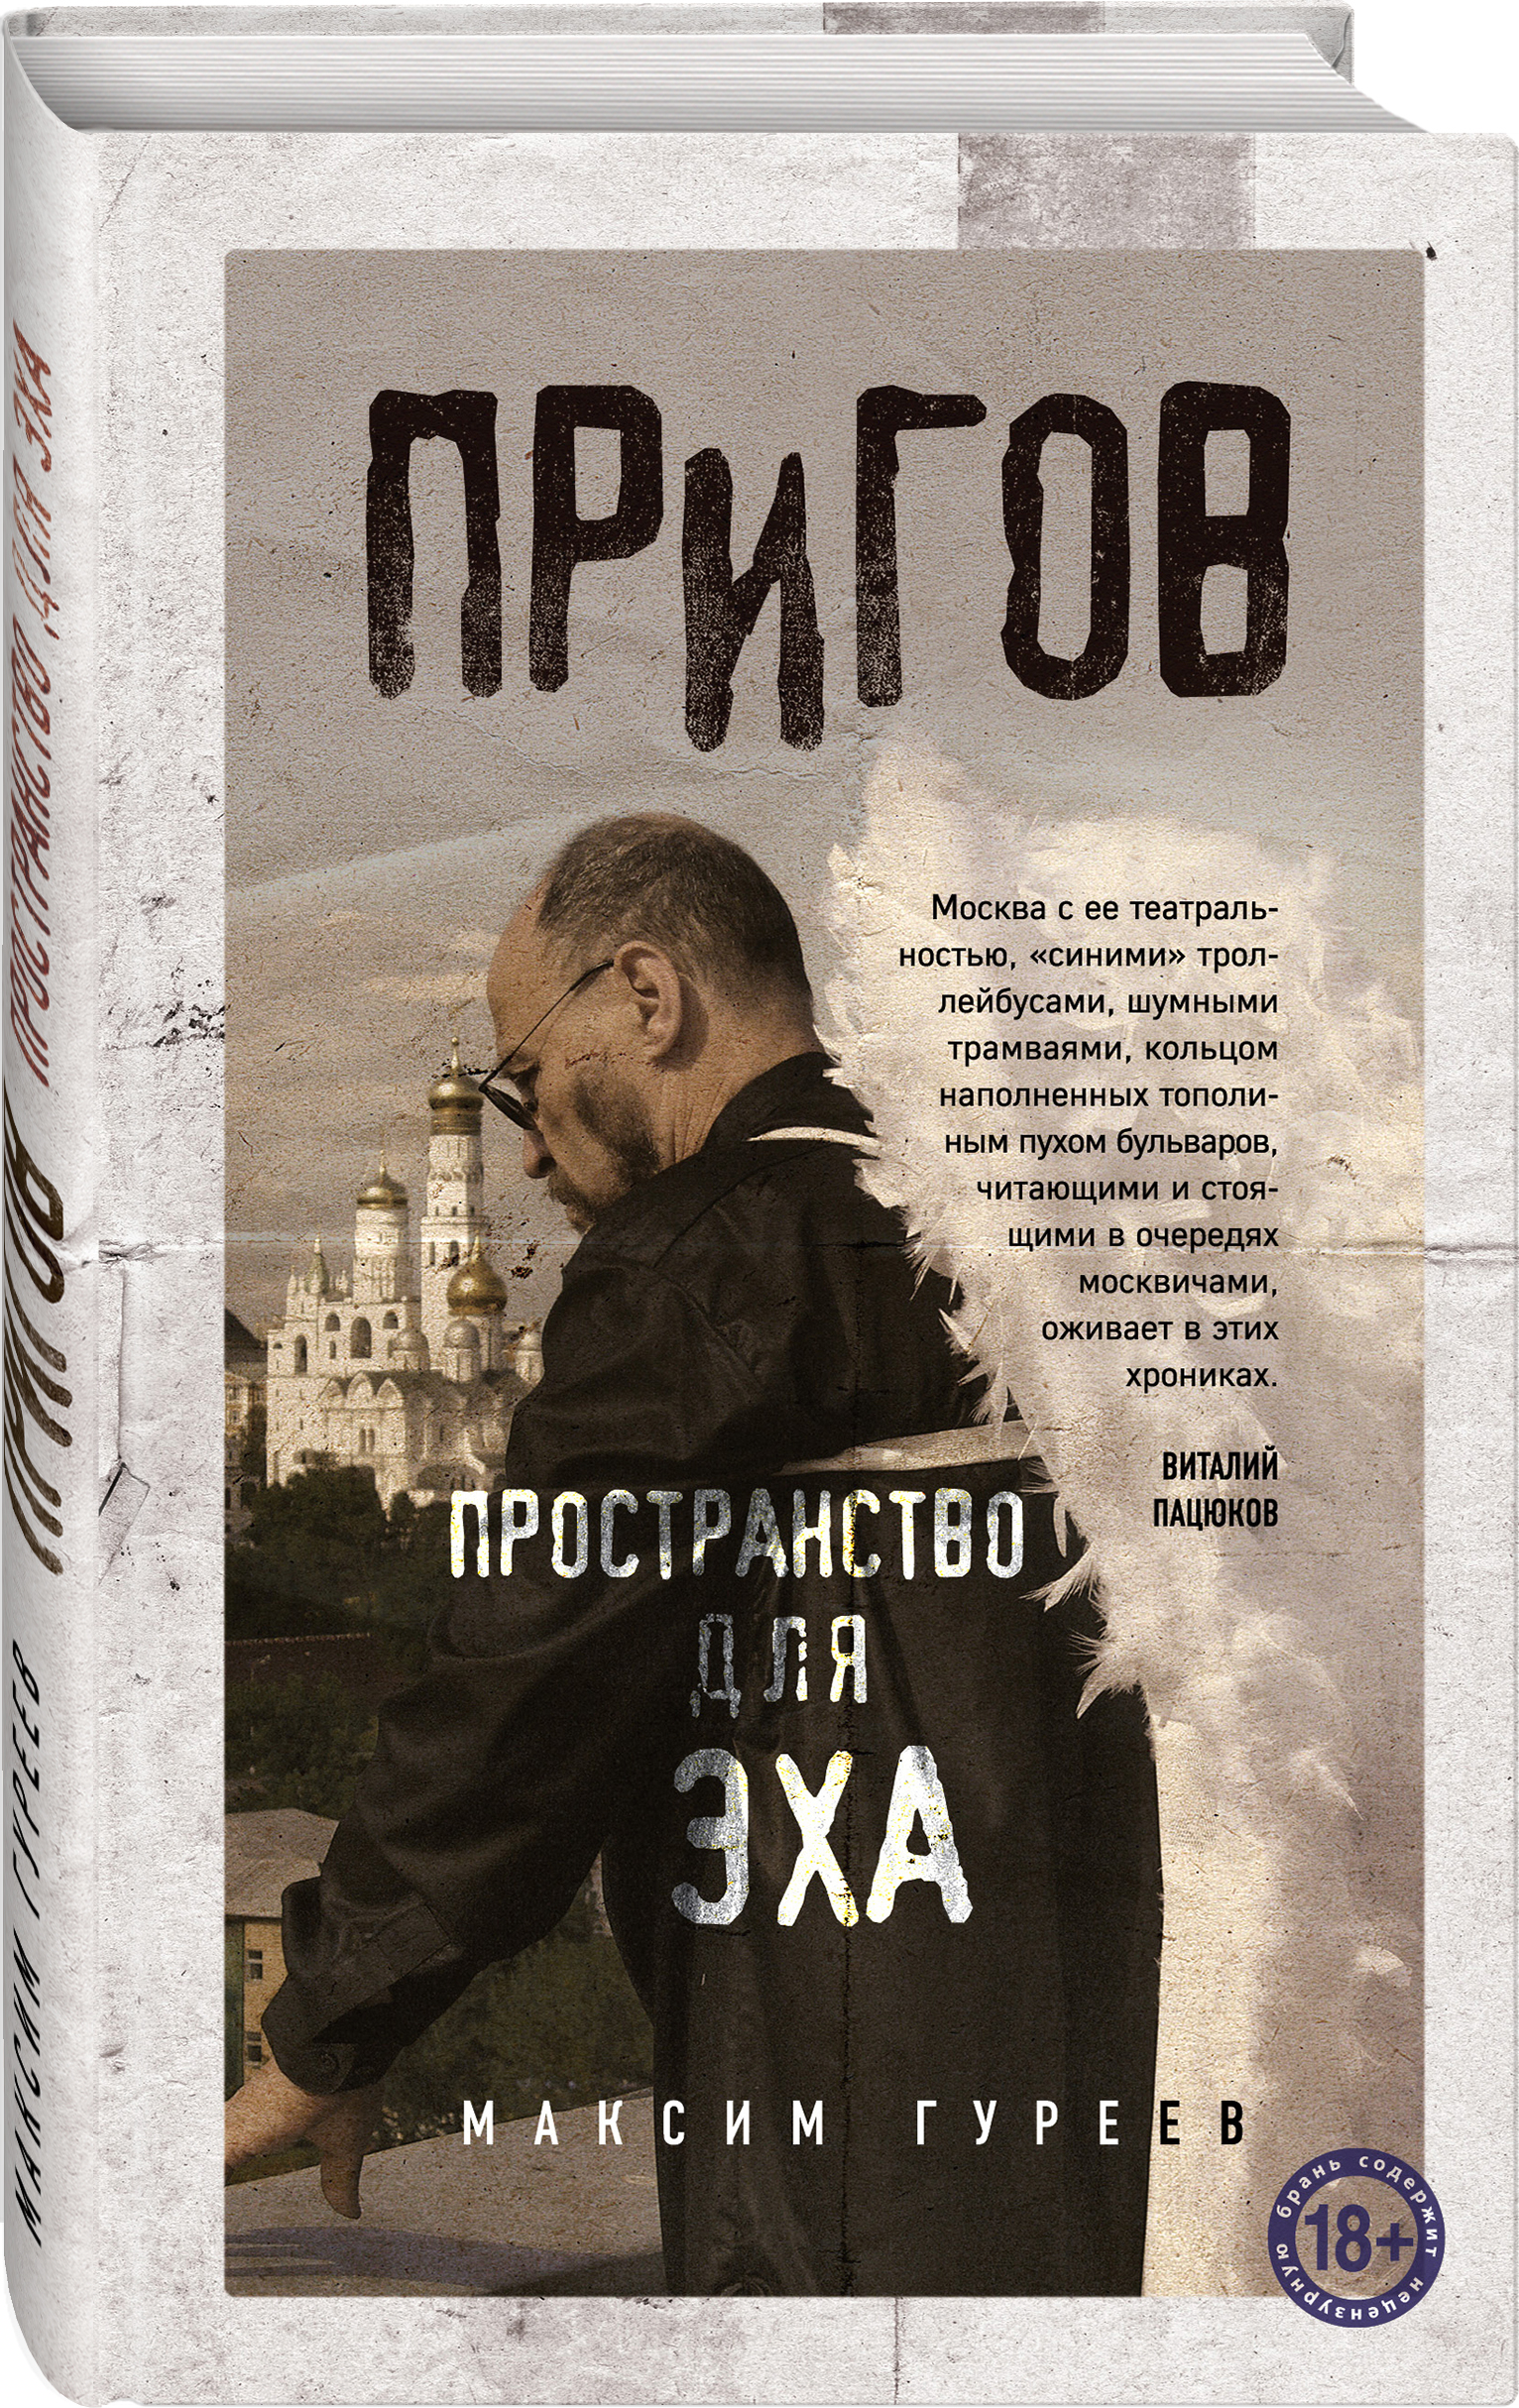 Максим Гуреев Пригов. Пространство для эха в и жиглов наш срібний ставок